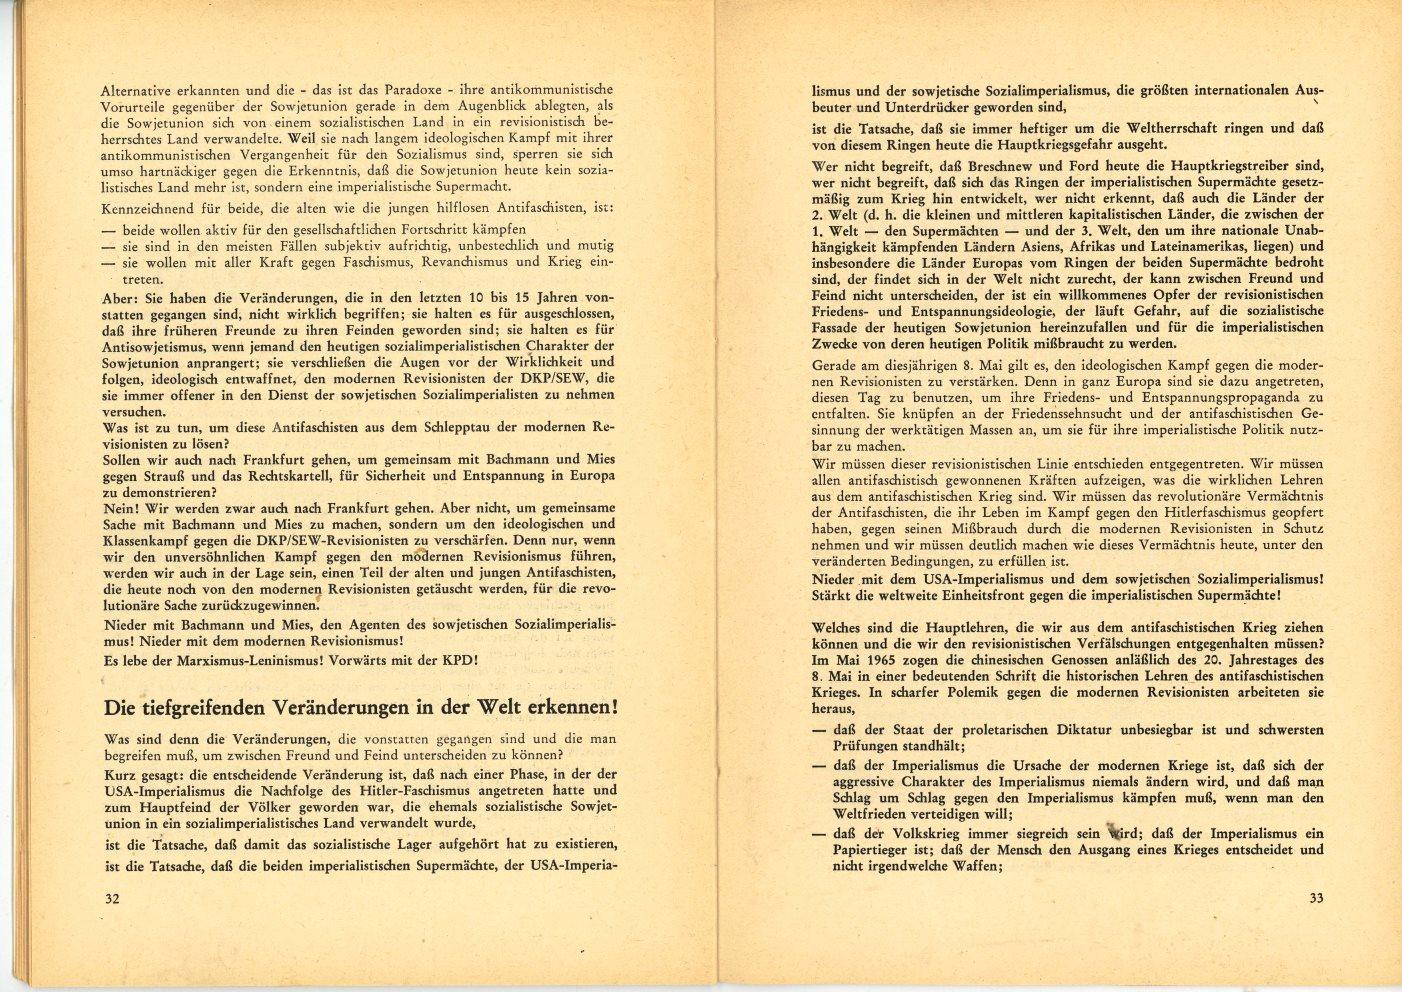 KPDAO_1975_30_Jahrestag_der_Befreiung_vom_Faschismus_18